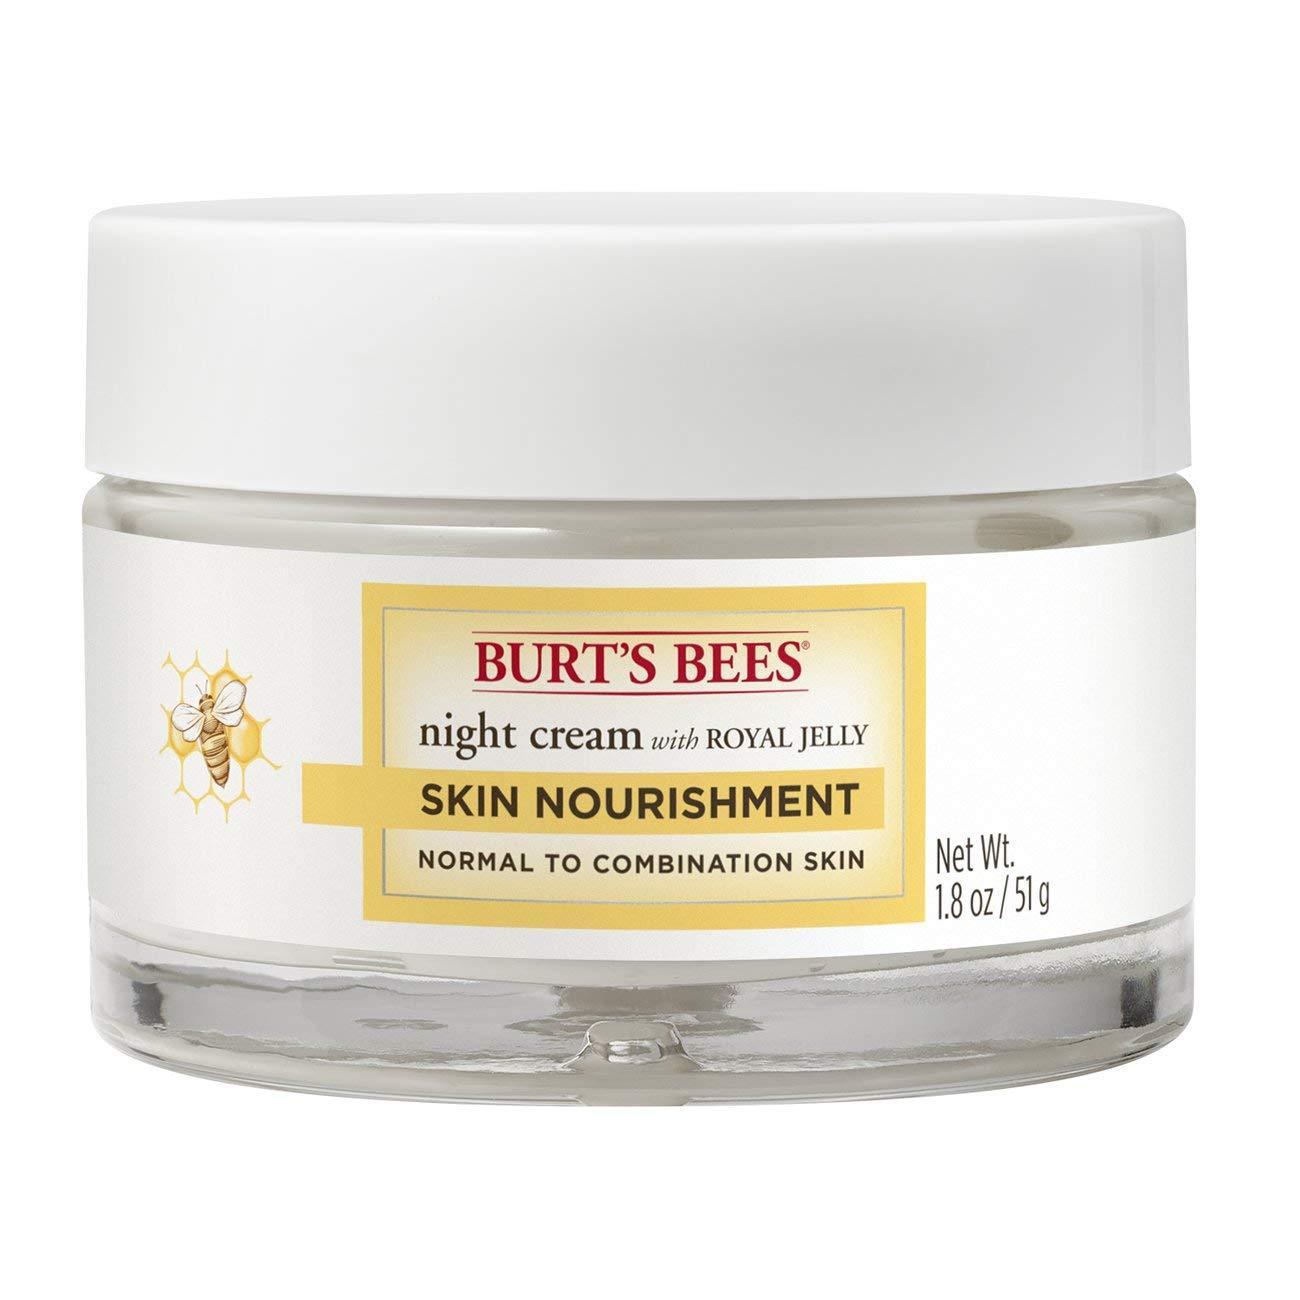 Burt's Bees Skin Nourishment Night Cream, 51 g Cbee Europe Ltd 89868-14